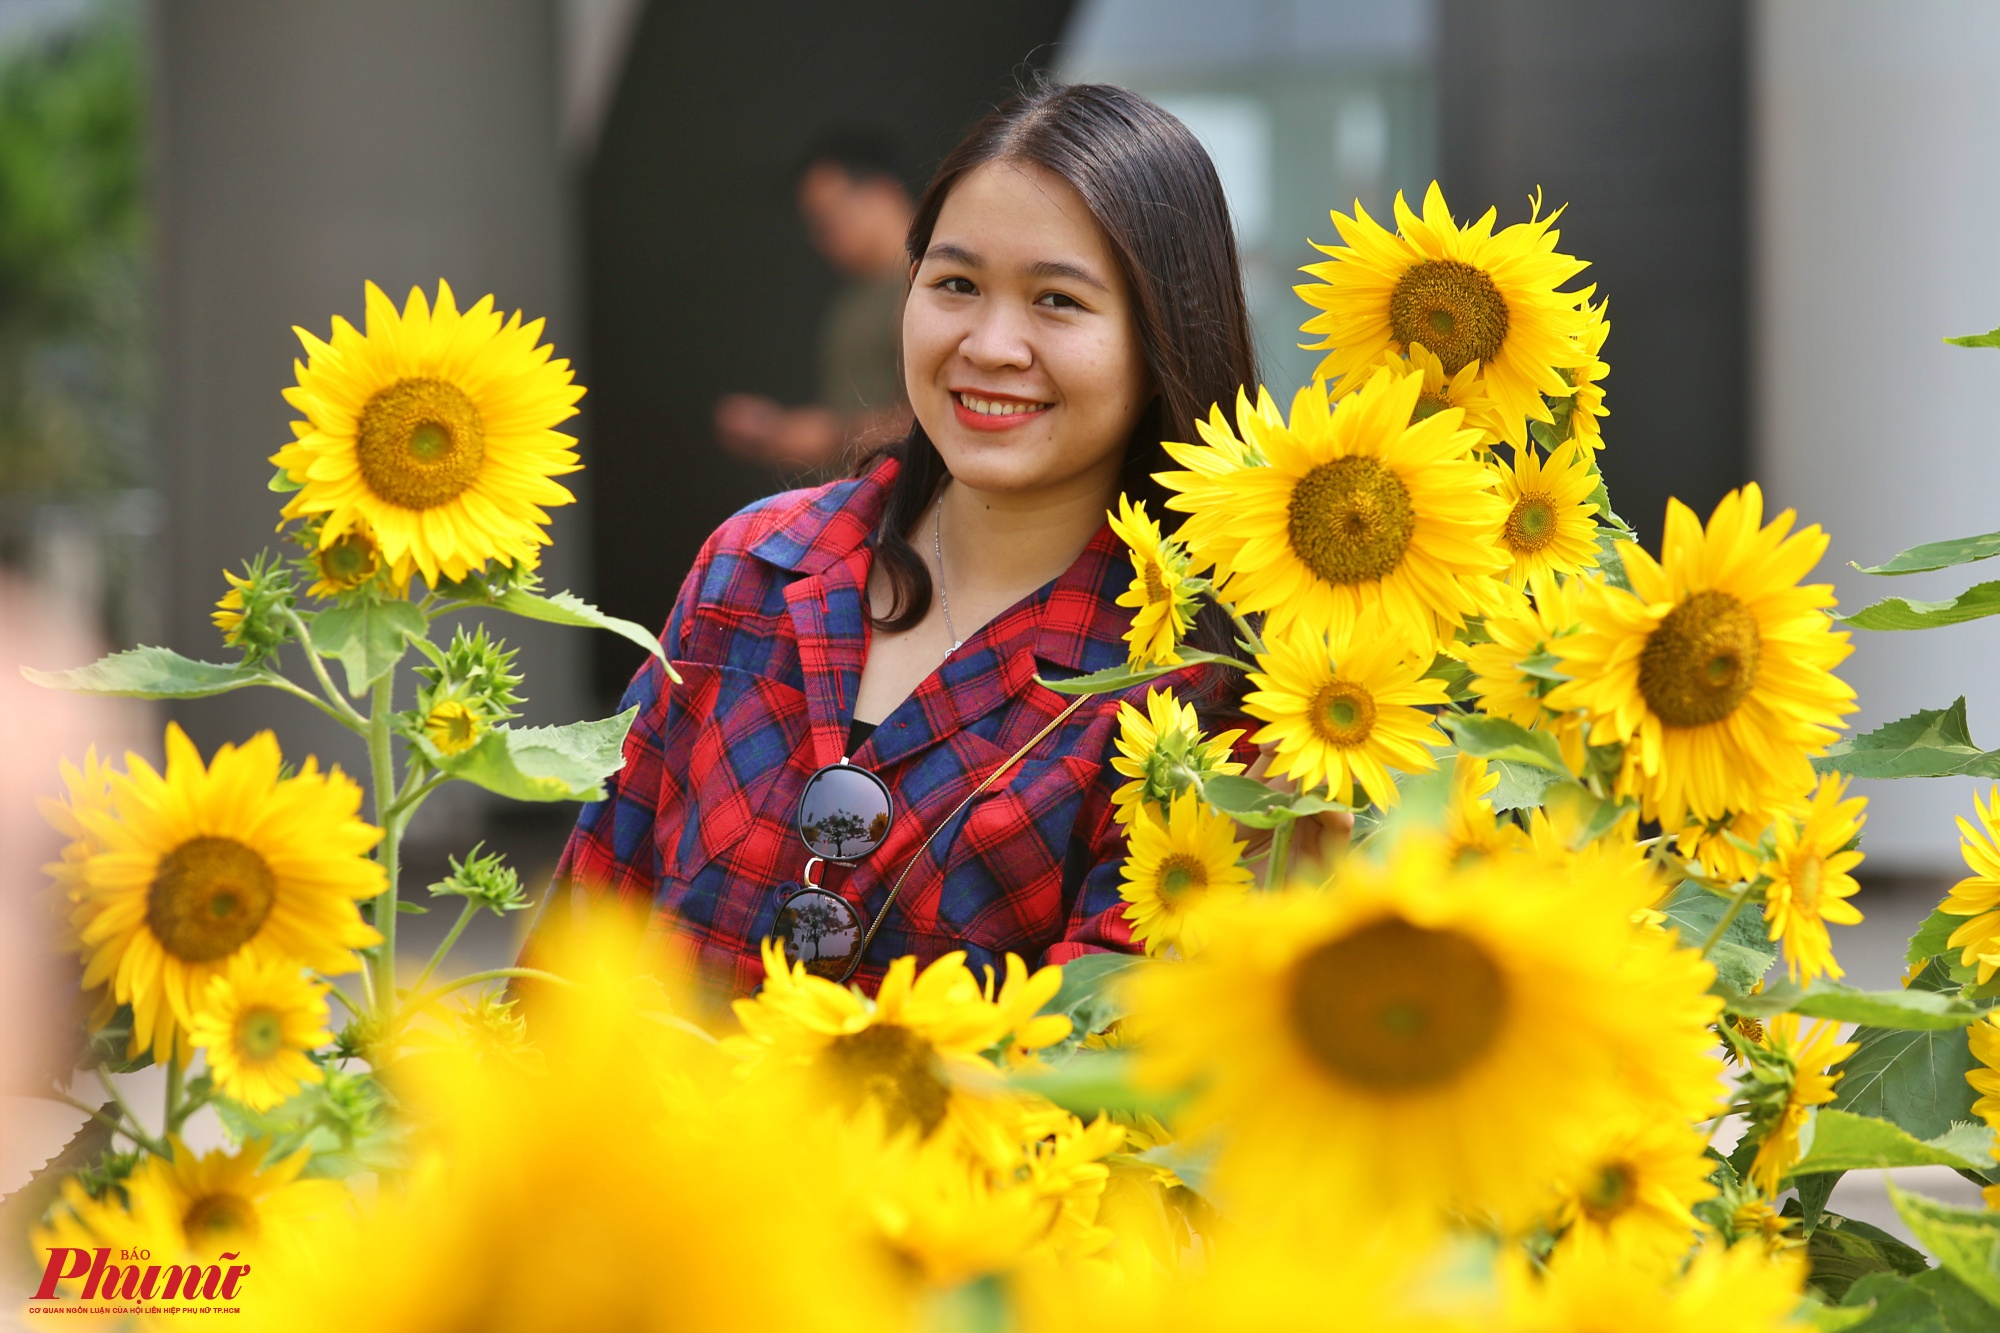 Nhiều bạn trẻ thích thú tạo dáng trước rừng hoa hướng dương toả sắc bên bờ hồ Bán Nguyệt - Phú Mỹ Hưng, quận 7